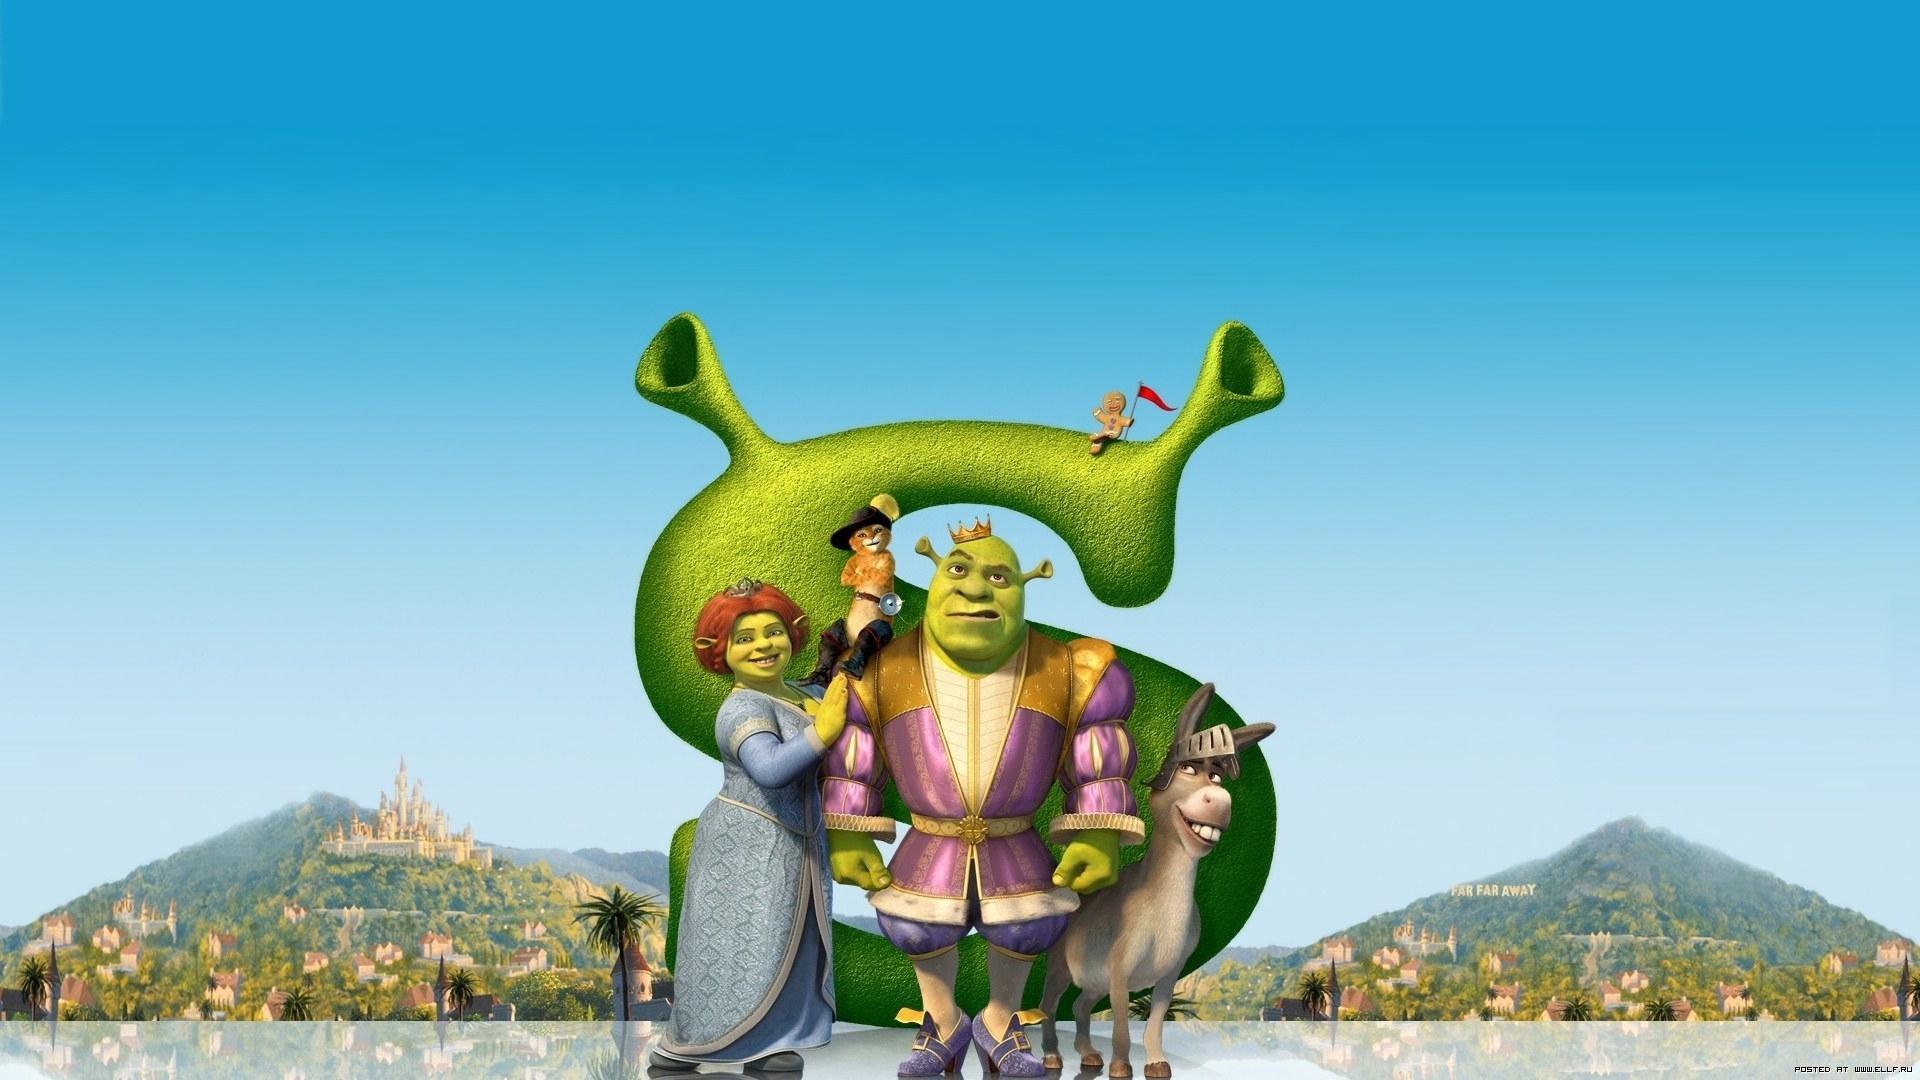 23920 Salvapantallas y fondos de pantalla Dibujos Animados en tu teléfono. Descarga imágenes de Dibujos Animados, Shrek gratis